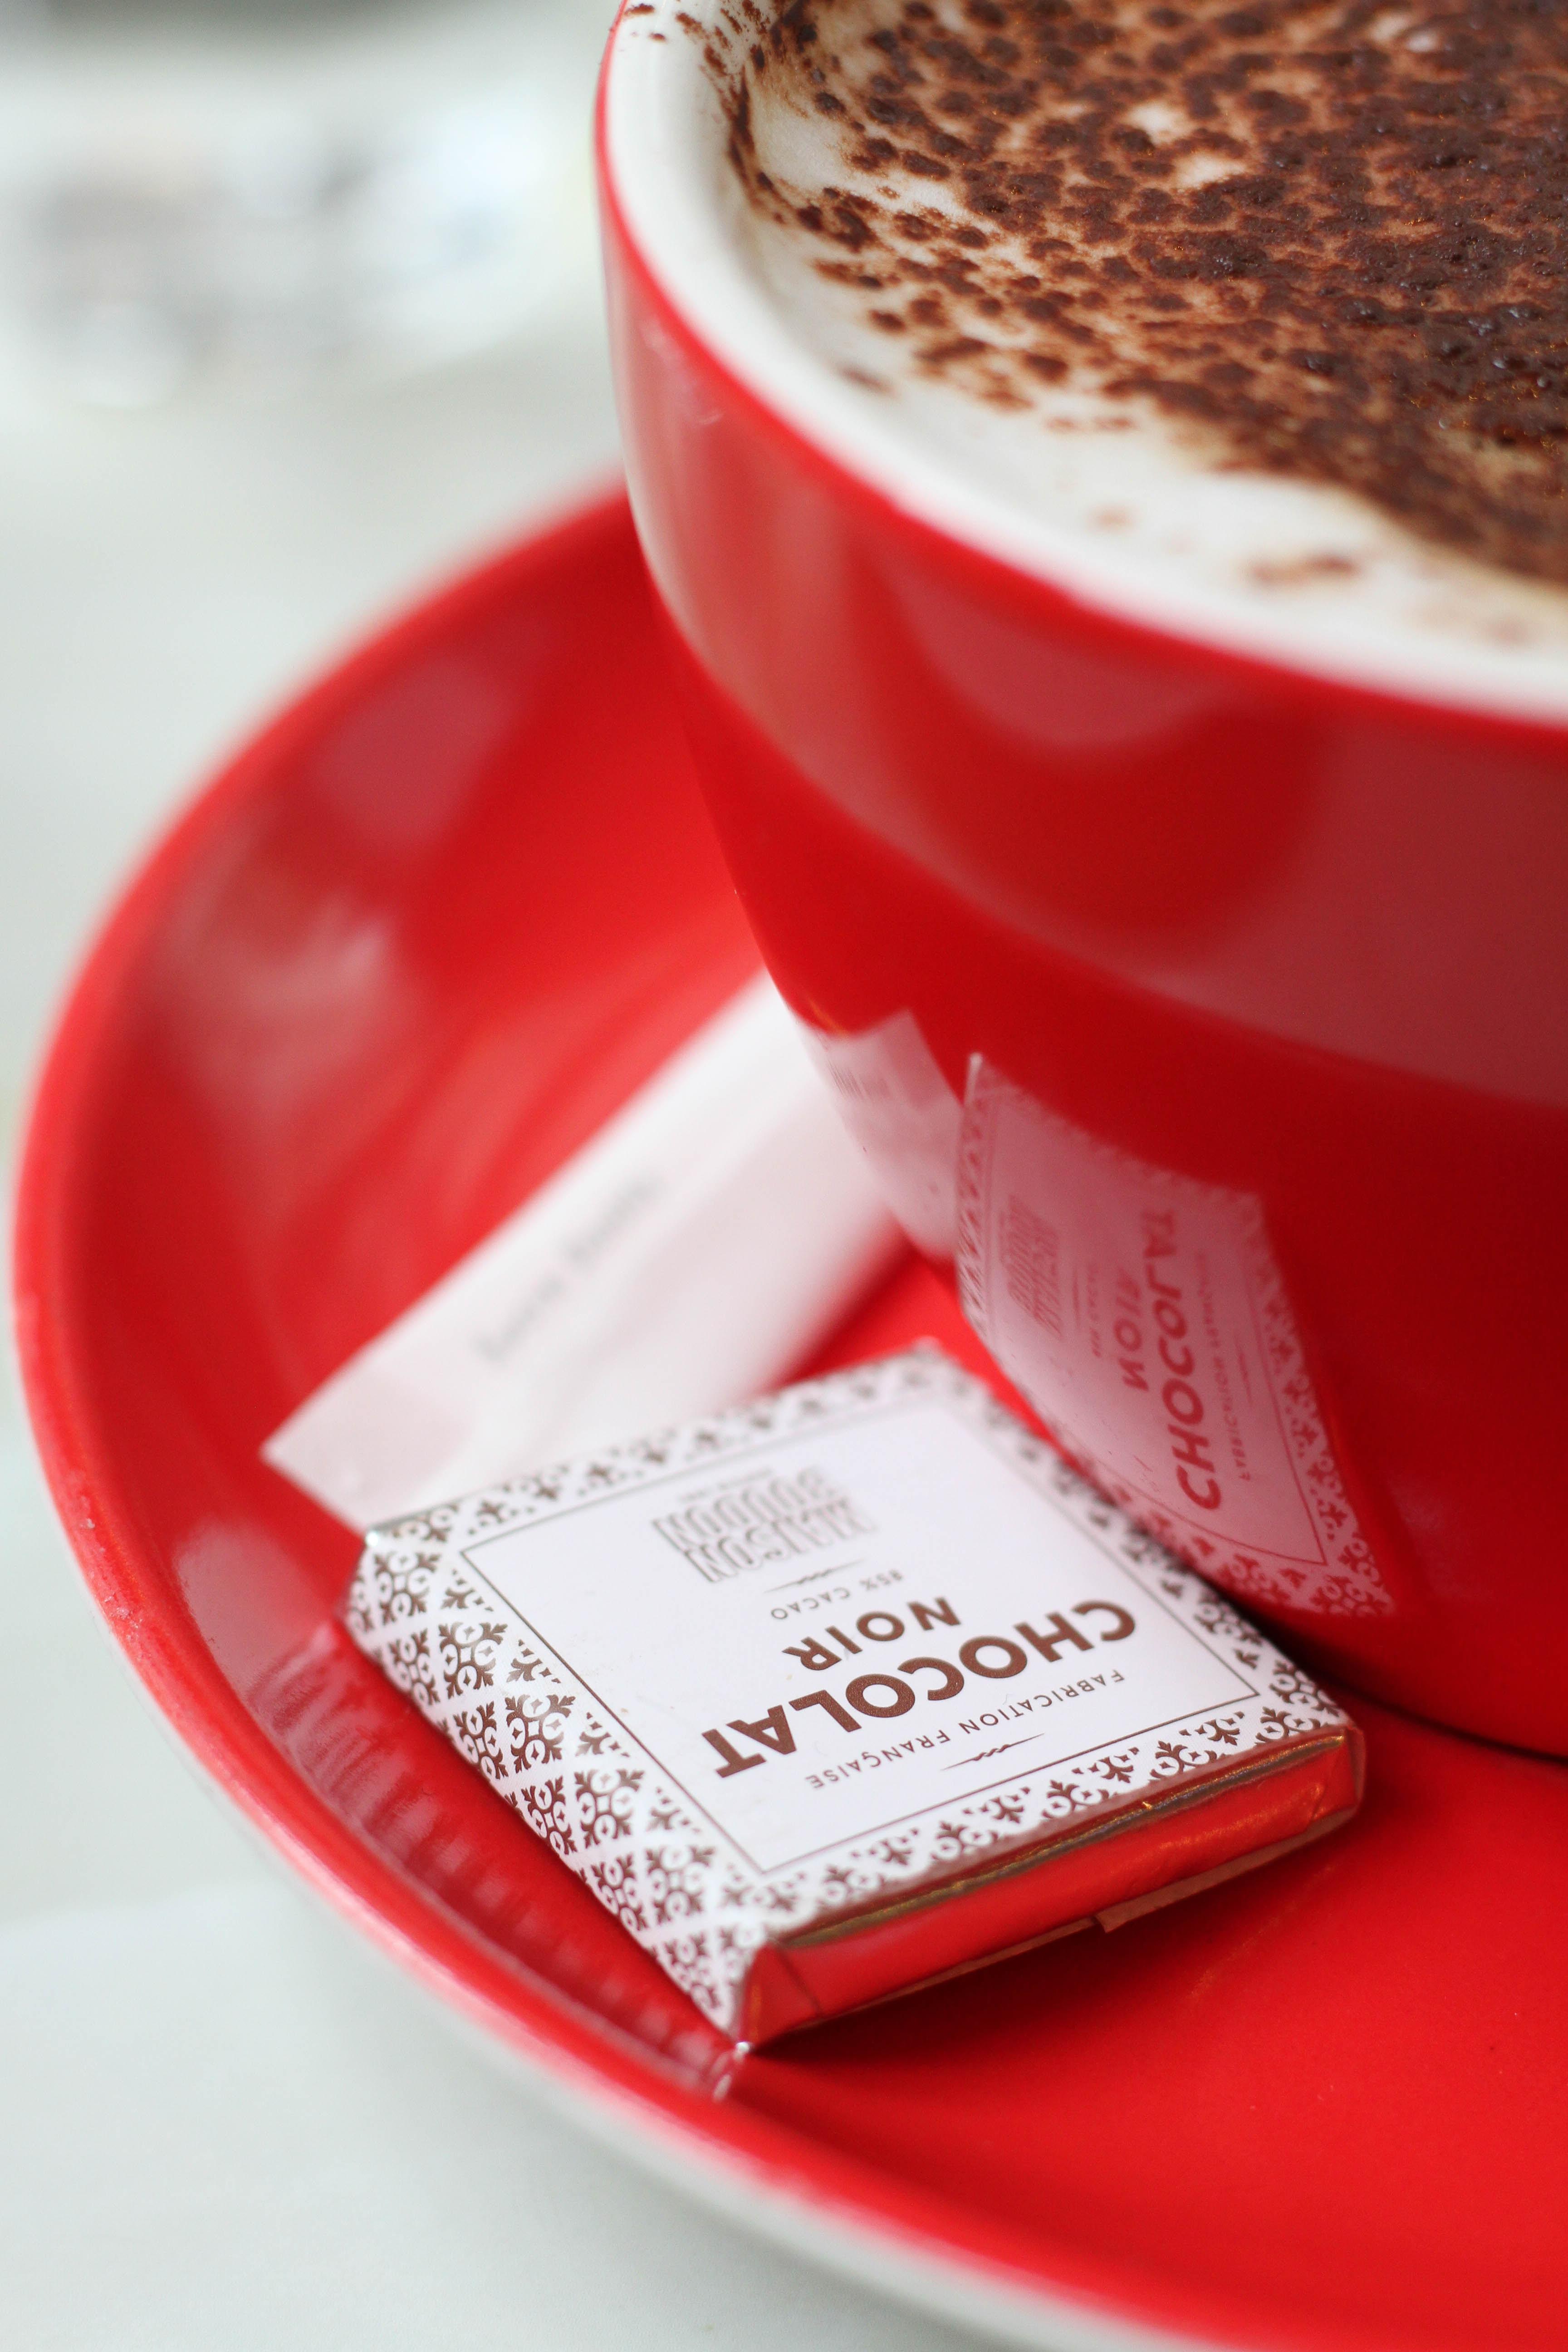 red ceramic mug with suacer